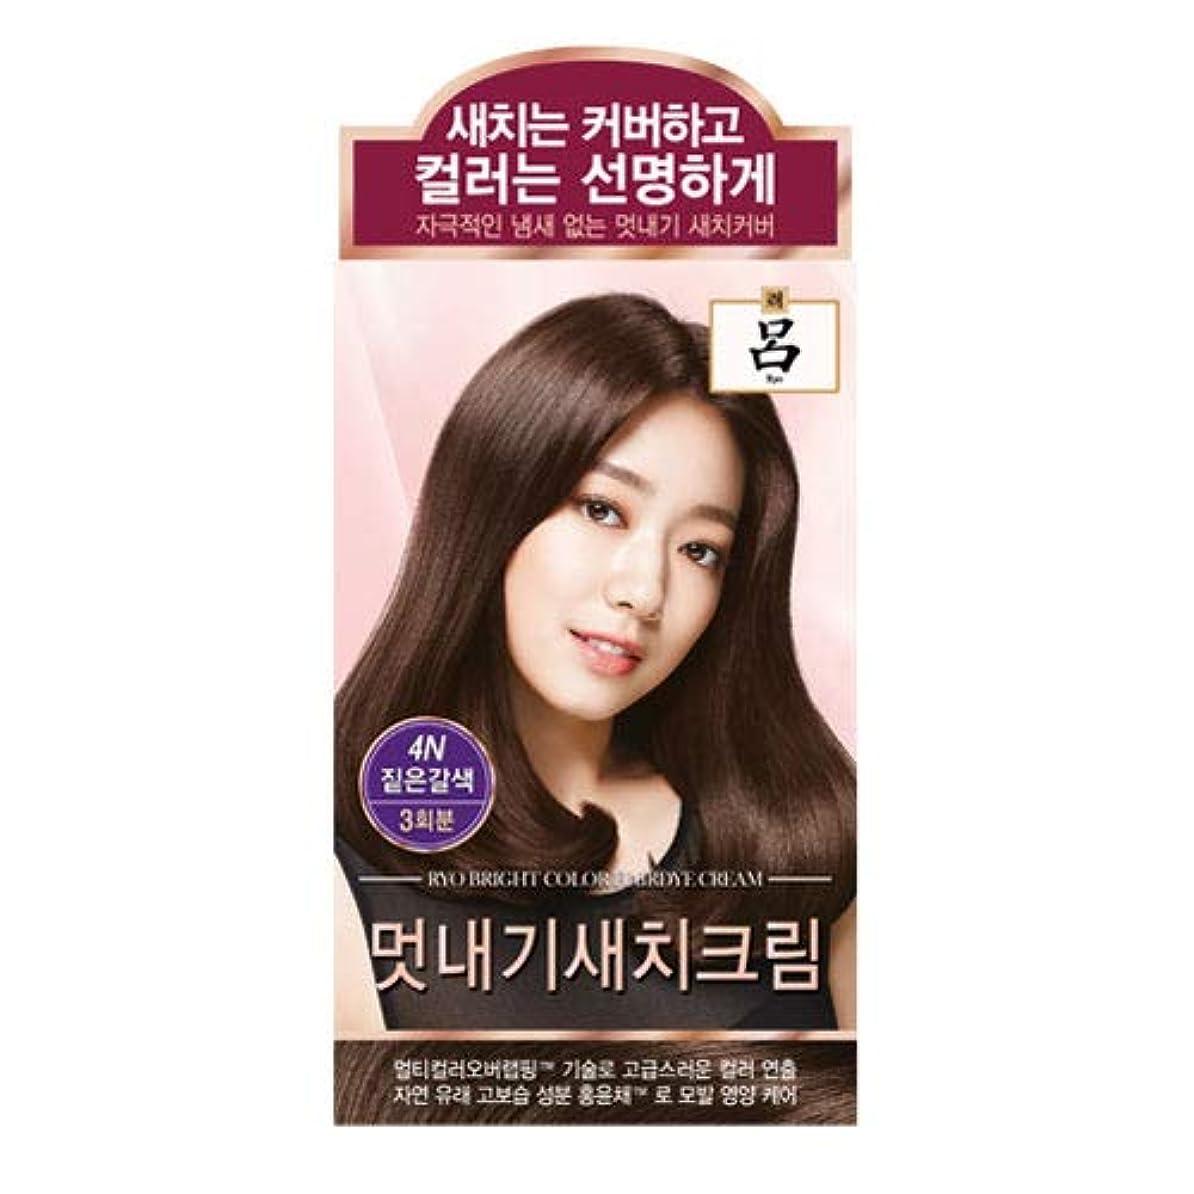 先のことを考える増強現代アモーレパシフィック呂[AMOREPACIFIC/Ryo] ブライトカラーヘアアイクリーム 4N ディープブラウン/Bright Color Hairdye Cream 4N Deep Brown